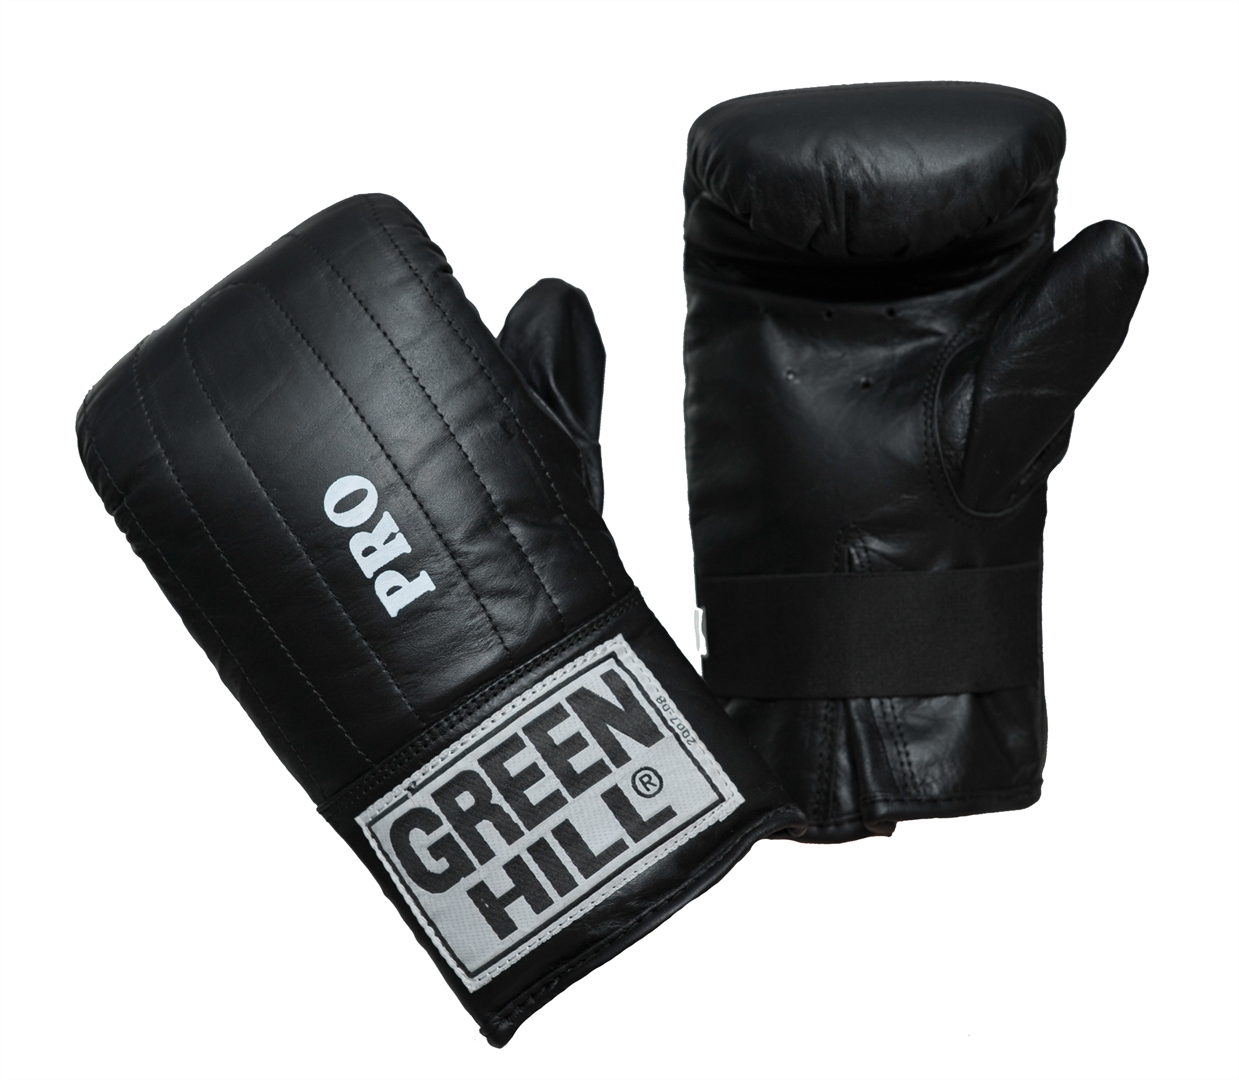 Перчатки снарядные Green Hill Pro, цвет: черный. Размер XLBGC-2040bСнарядные перчатки Green Hill Pro предназначены для отработки ударов по мешкам и лапам, а также для легких спаррингов. Перчатки выполнены из натуральной кожи с мягким наполнителем внутри. Манжет не резинке позволяет быстро снимать и одевать перчатки, плотно фиксирует их на руке.